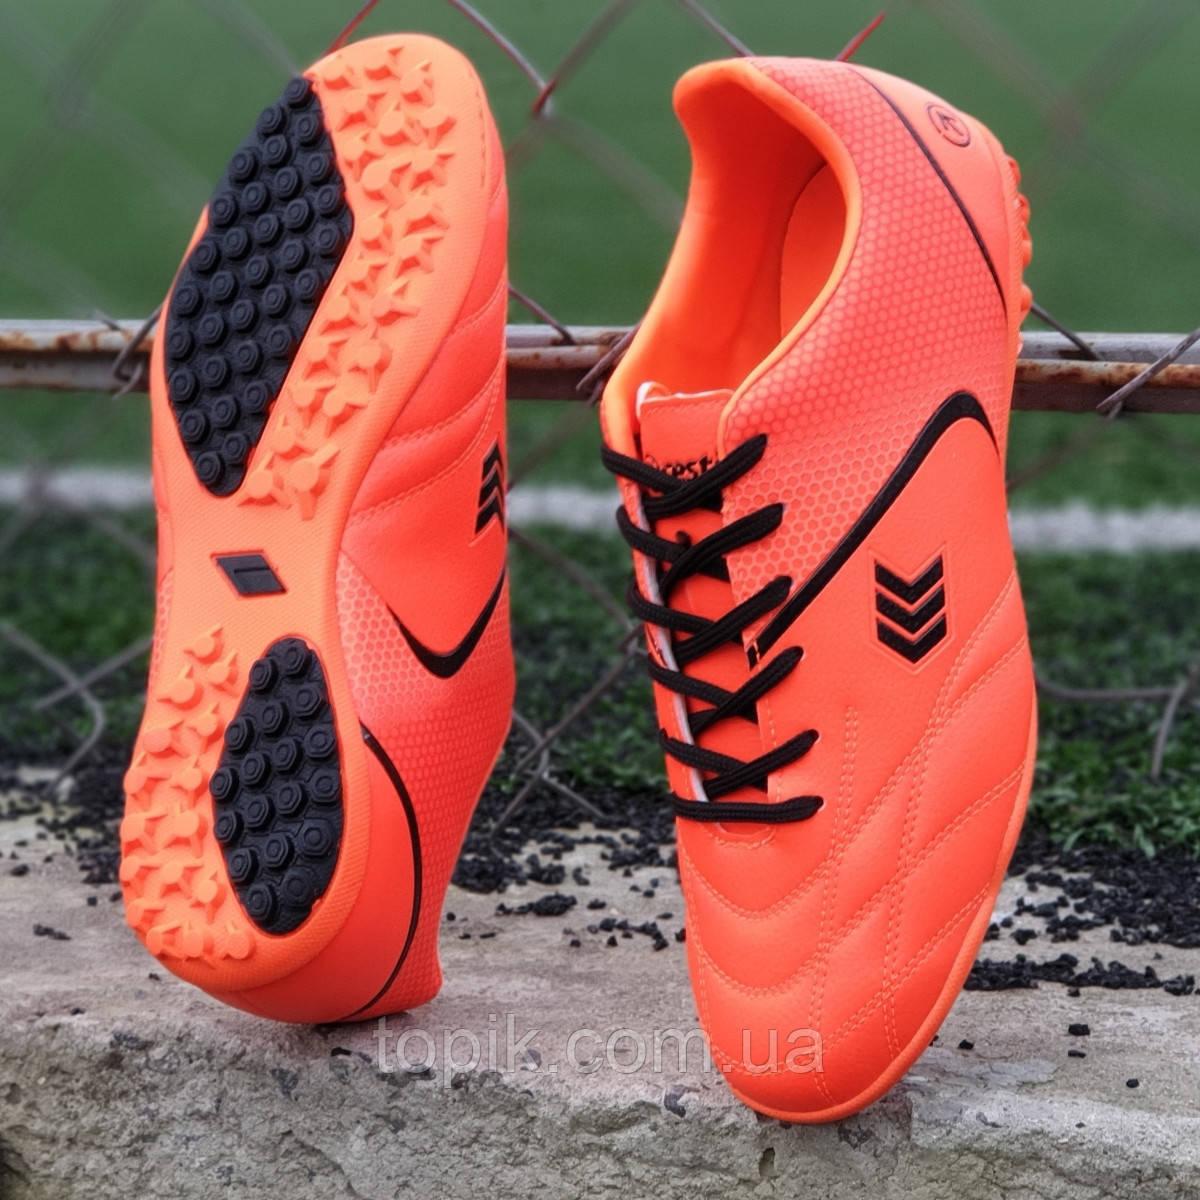 Подростковые сороконожки, бампы, кроссовки для футбола на мальчика оранжевые, недорогие, легкие (Код: 1388а)